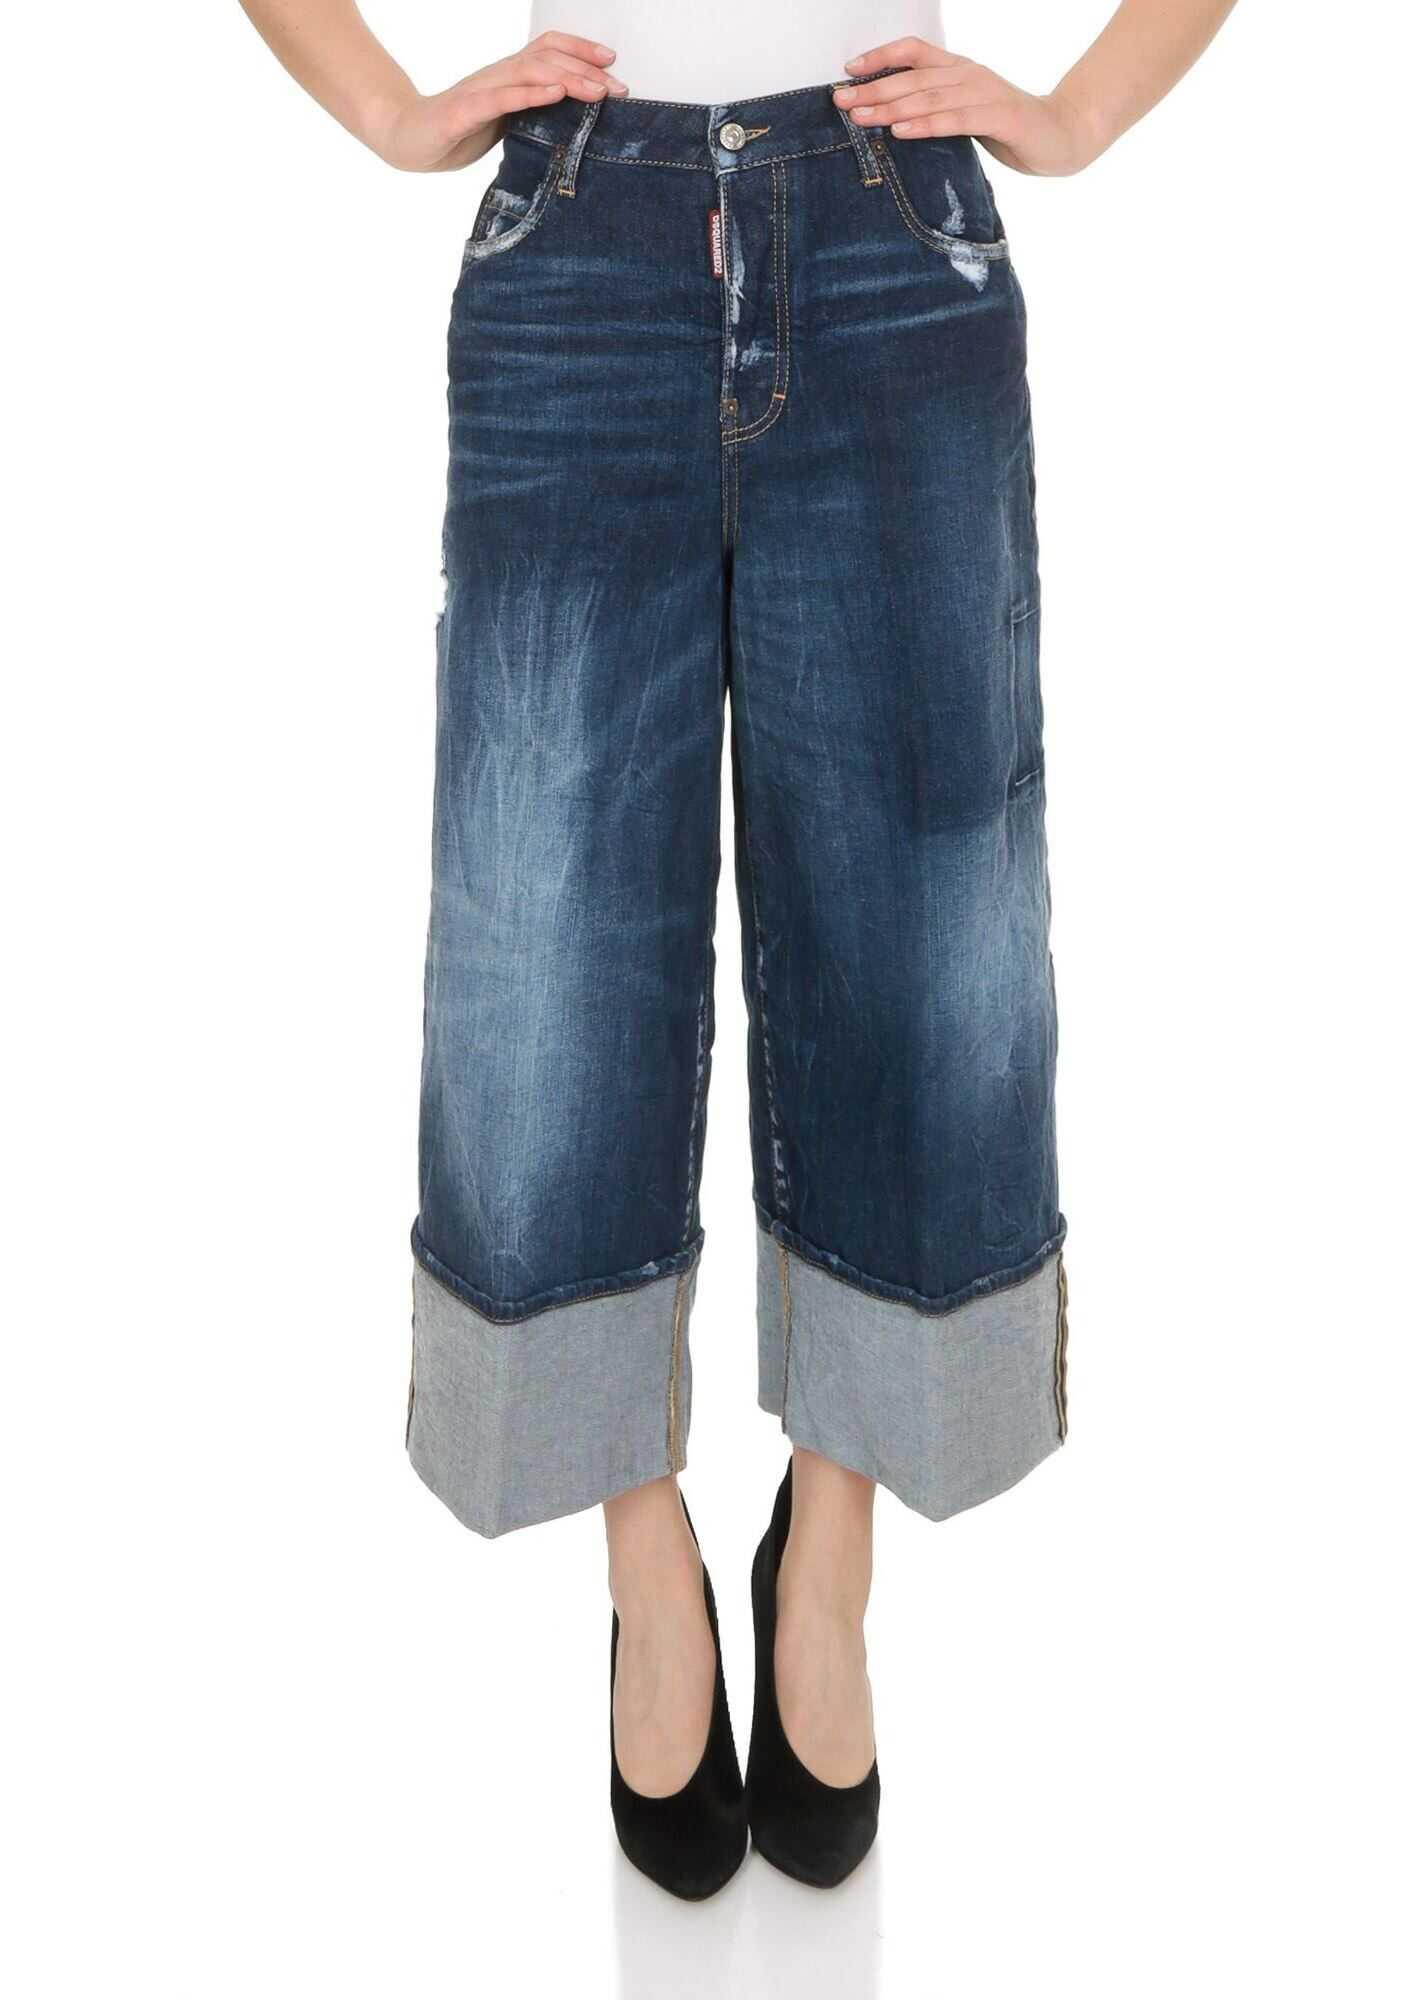 Jinny Blue Jeans thumbnail